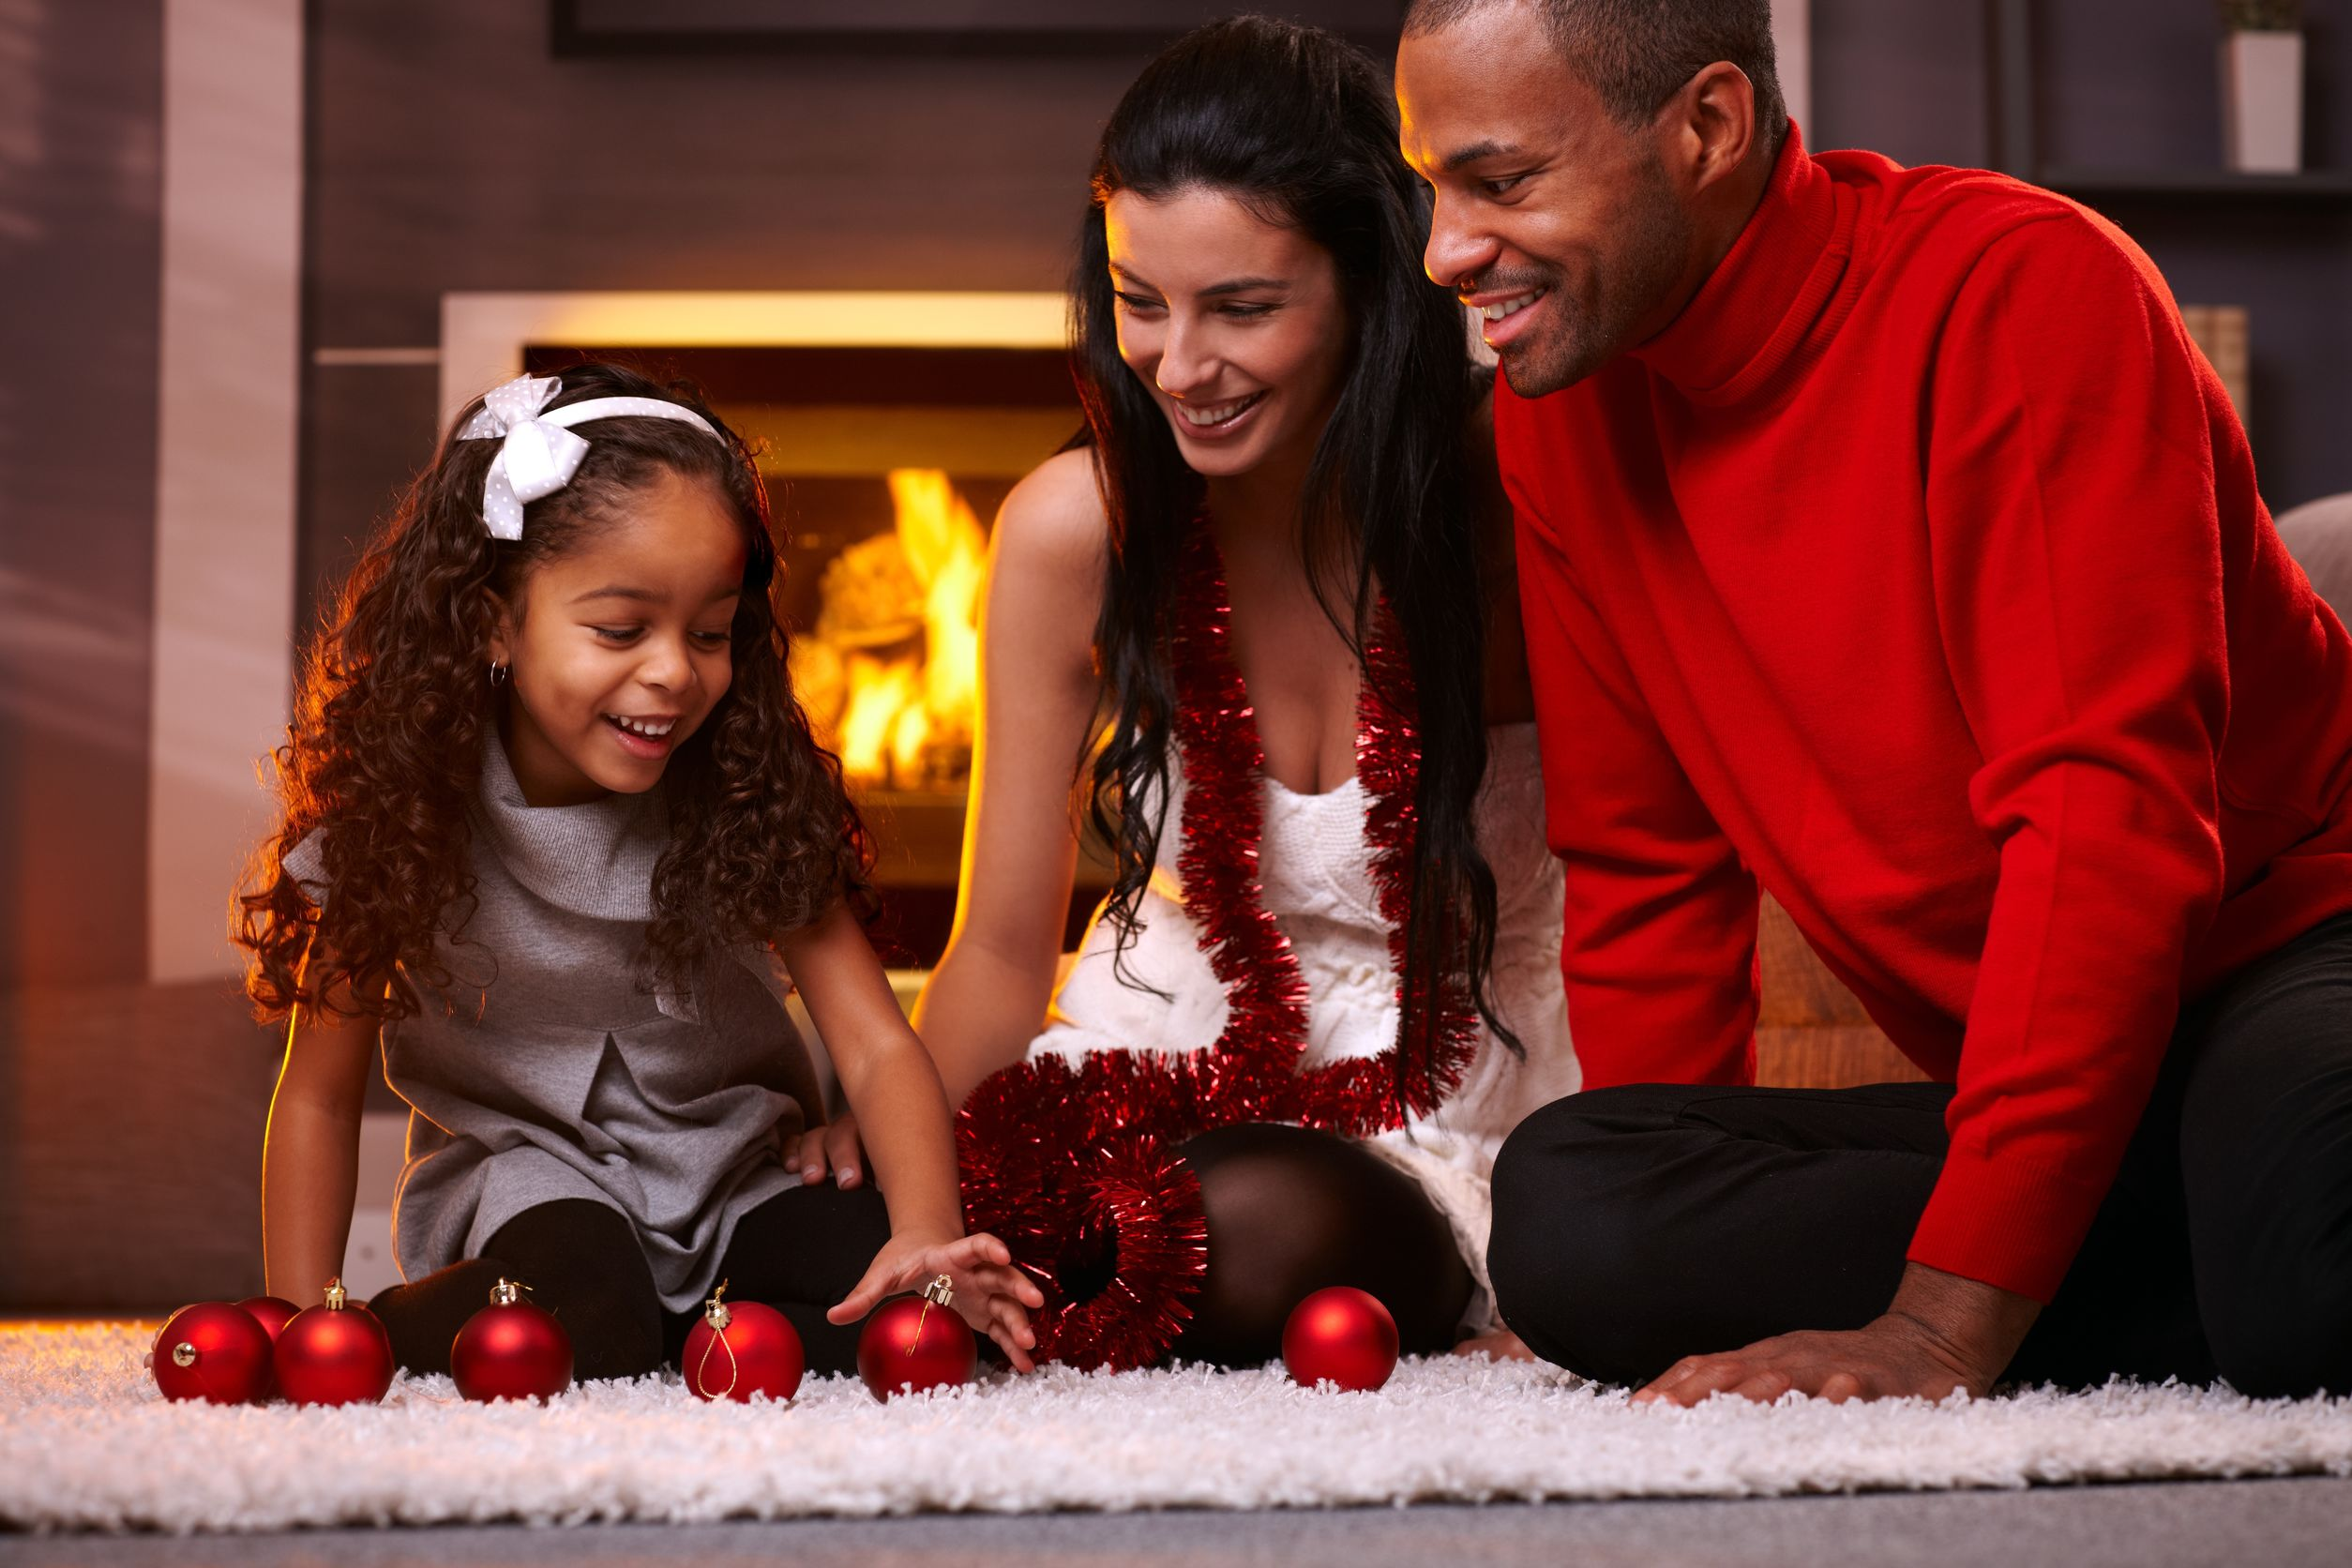 Casal formado por homem negro e mulher branca, sentados no chão com sua filha negra, em cima de uma tapete em frete uma lareira, brincando com enfeites vermelhos de árvore de natal